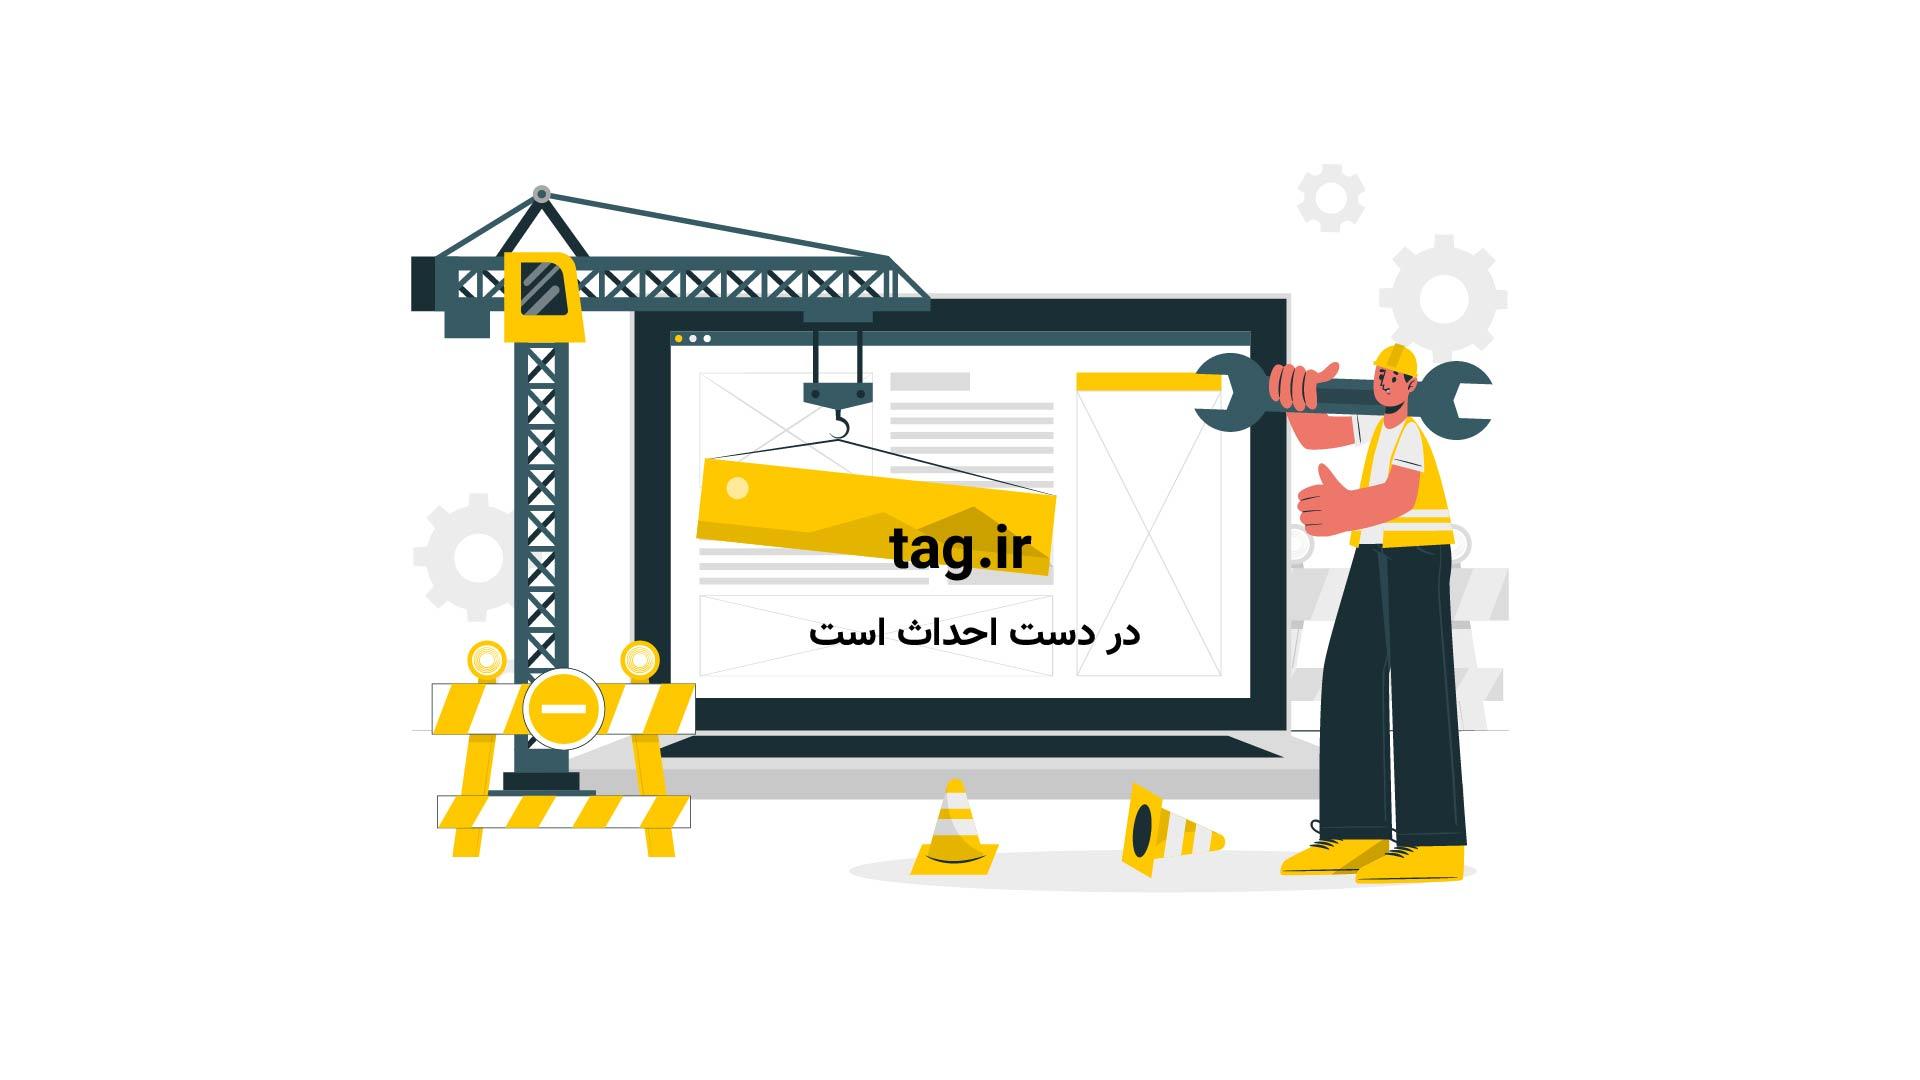 اسپاگتی میکس سبزیجات | تگ